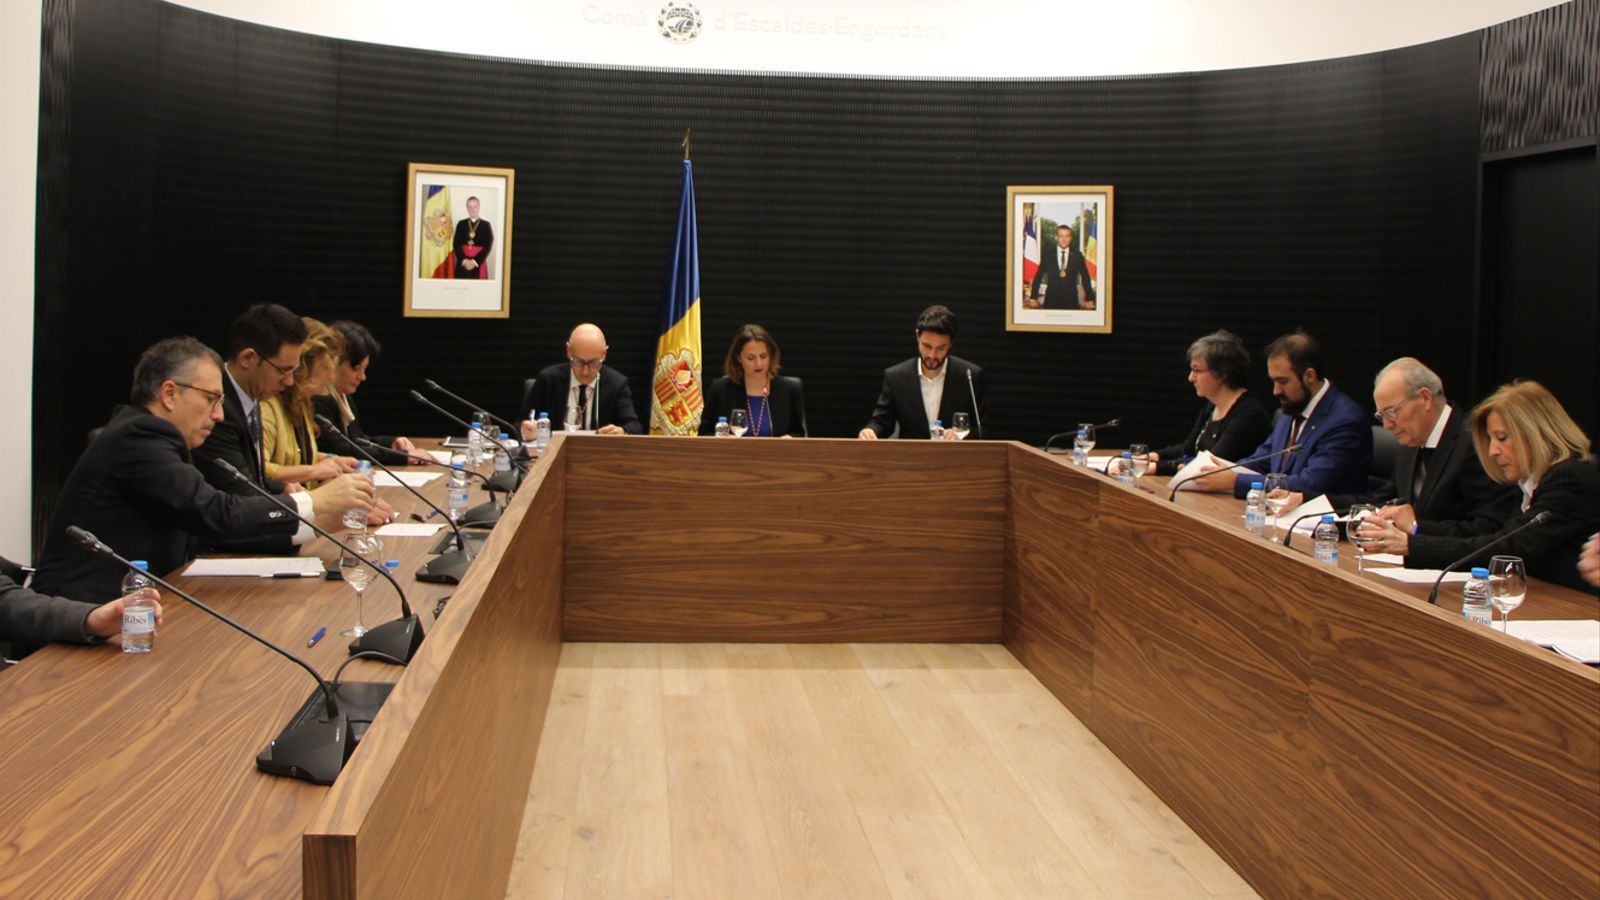 La darrera sessió ordinària del consell de comú d'Escaldes-Engordany. / A. S. (ANA)